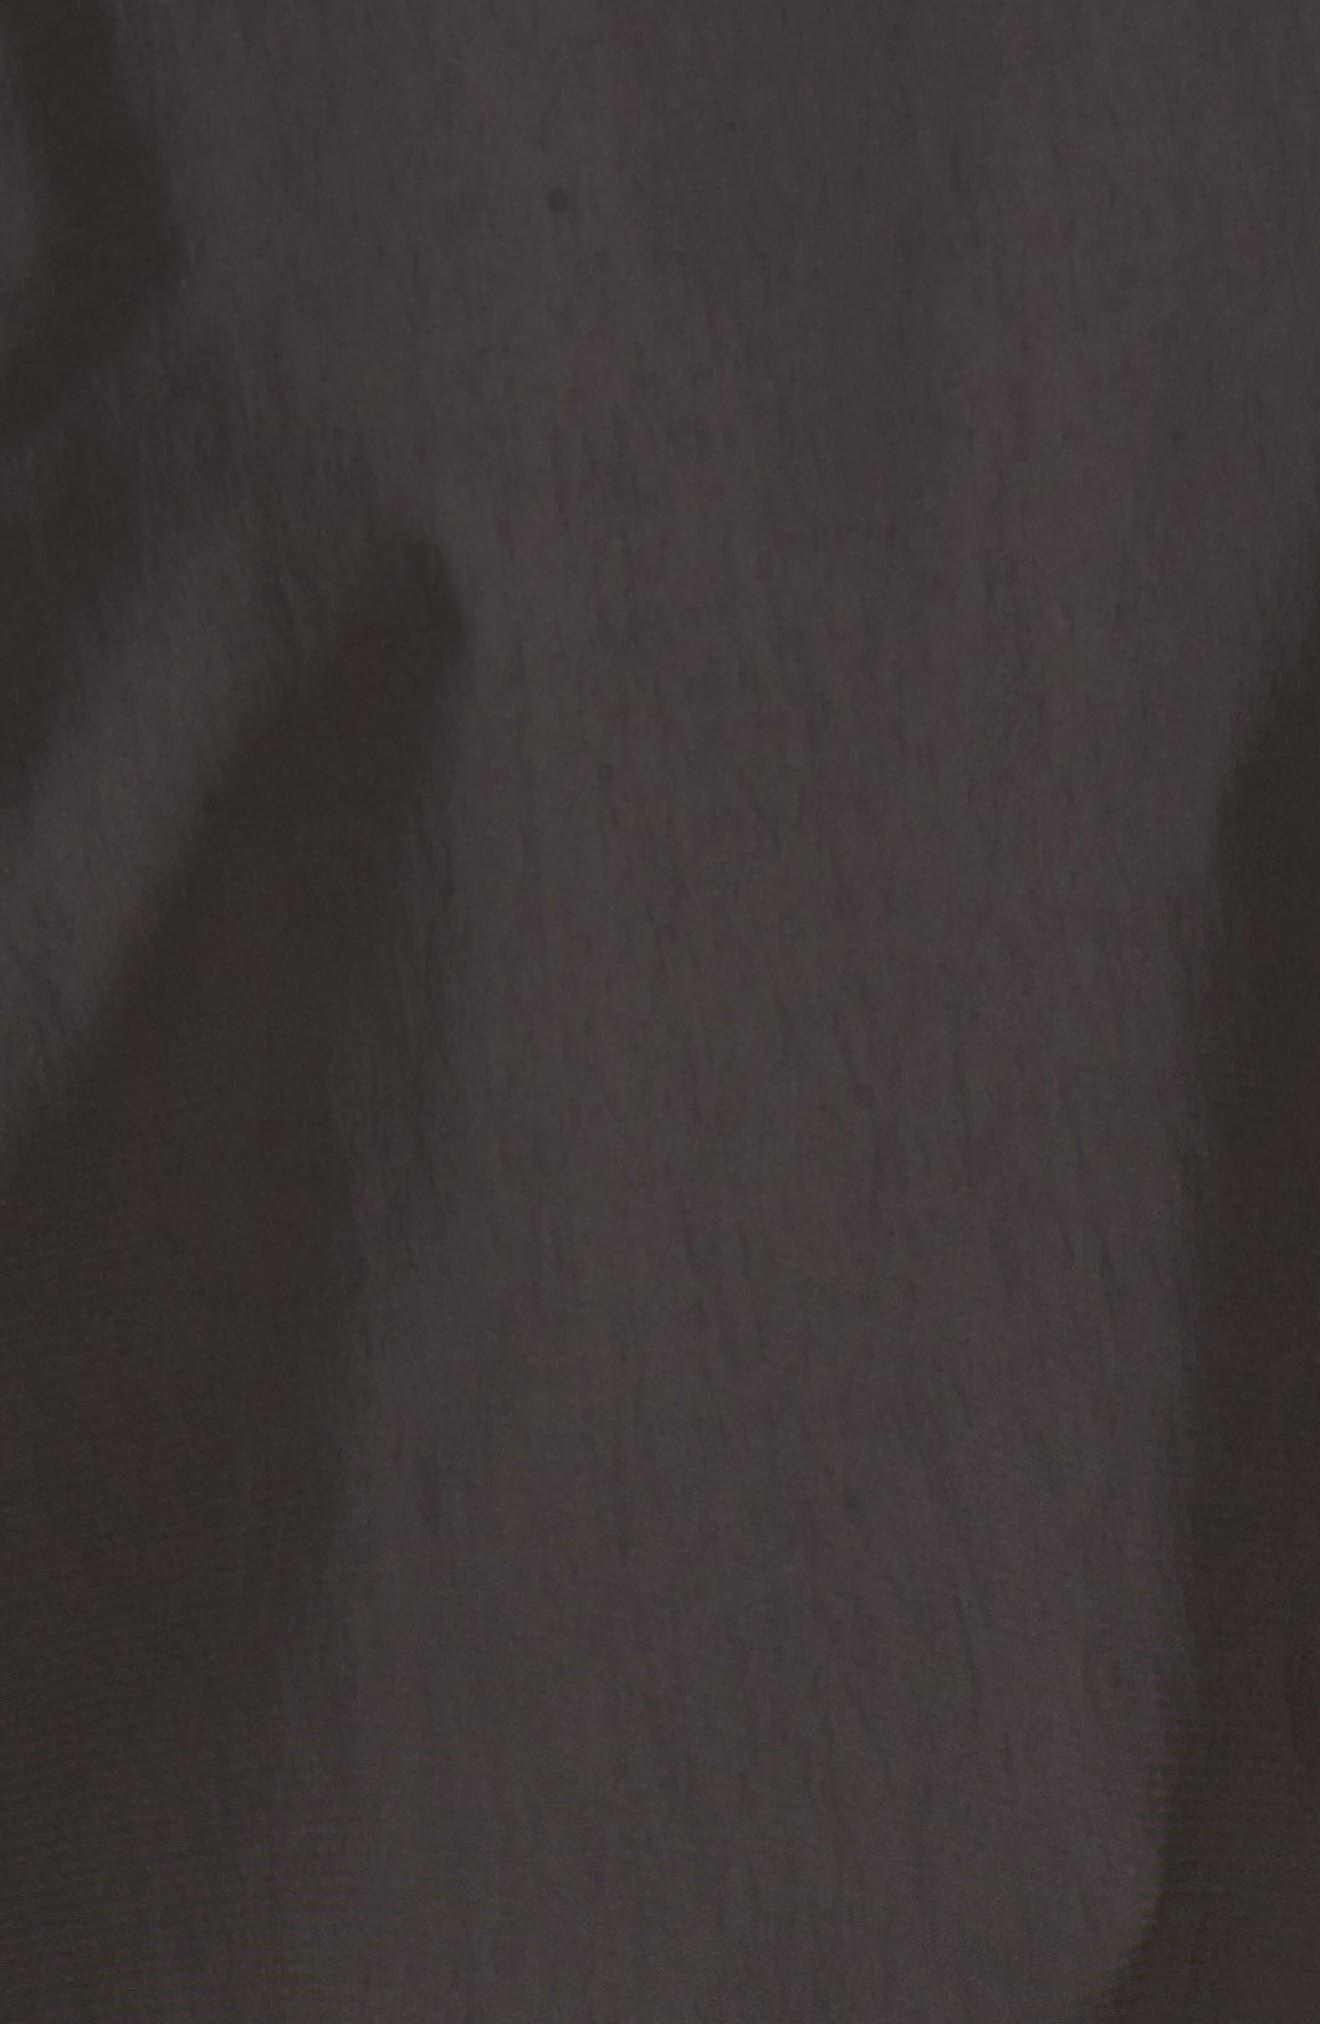 John Rich Shore Bomber Jacket,                             Alternate thumbnail 5, color,                             Faded Black